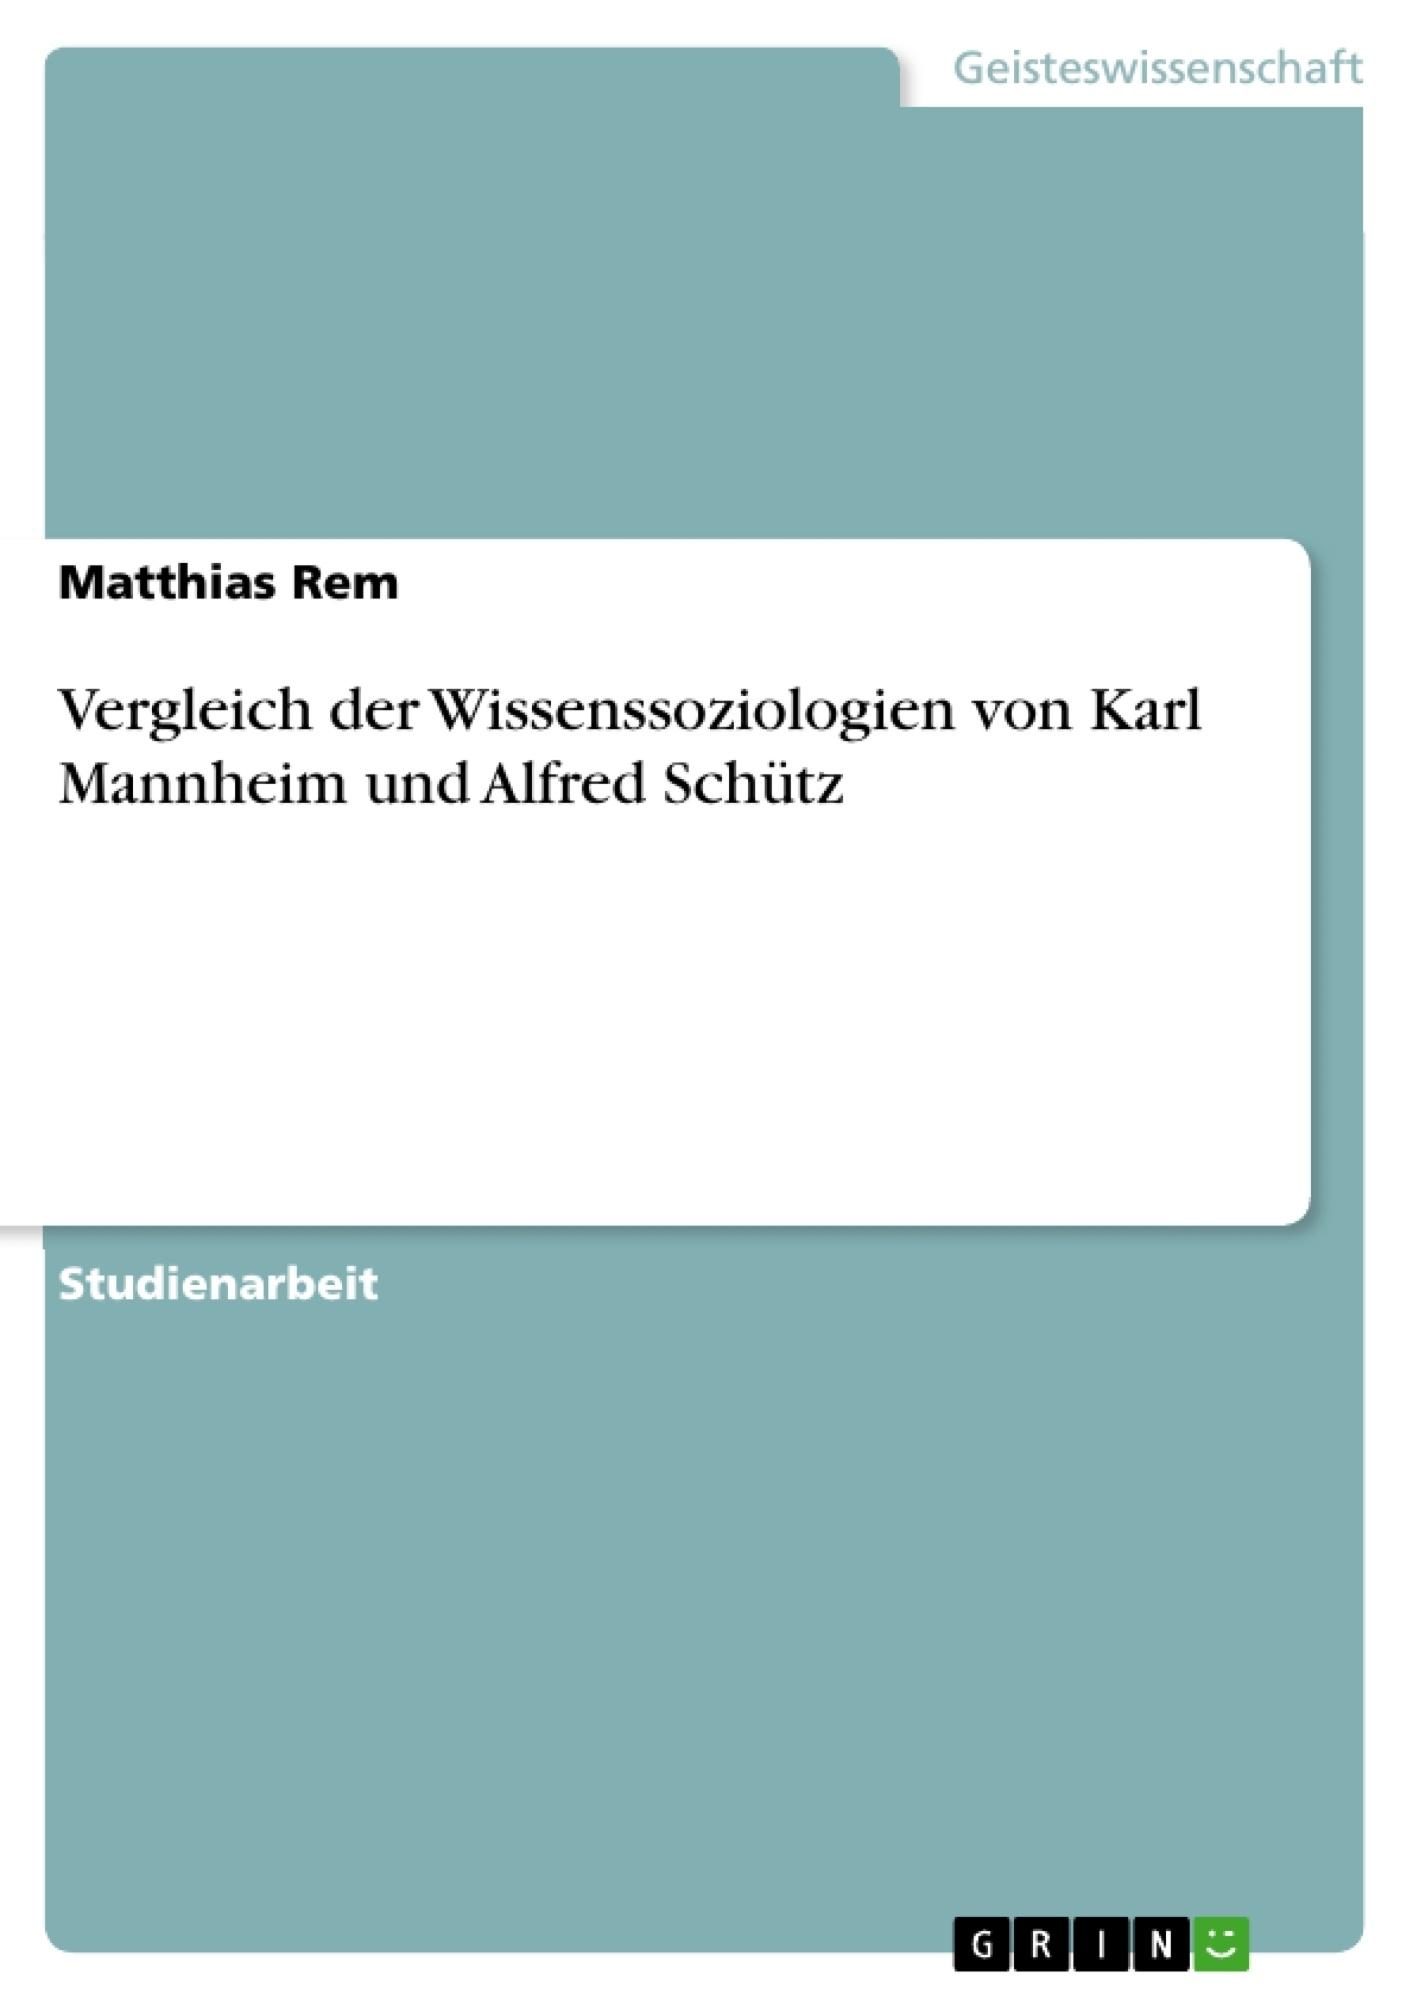 Titel: Vergleich der Wissenssoziologien von Karl Mannheim und Alfred Schütz